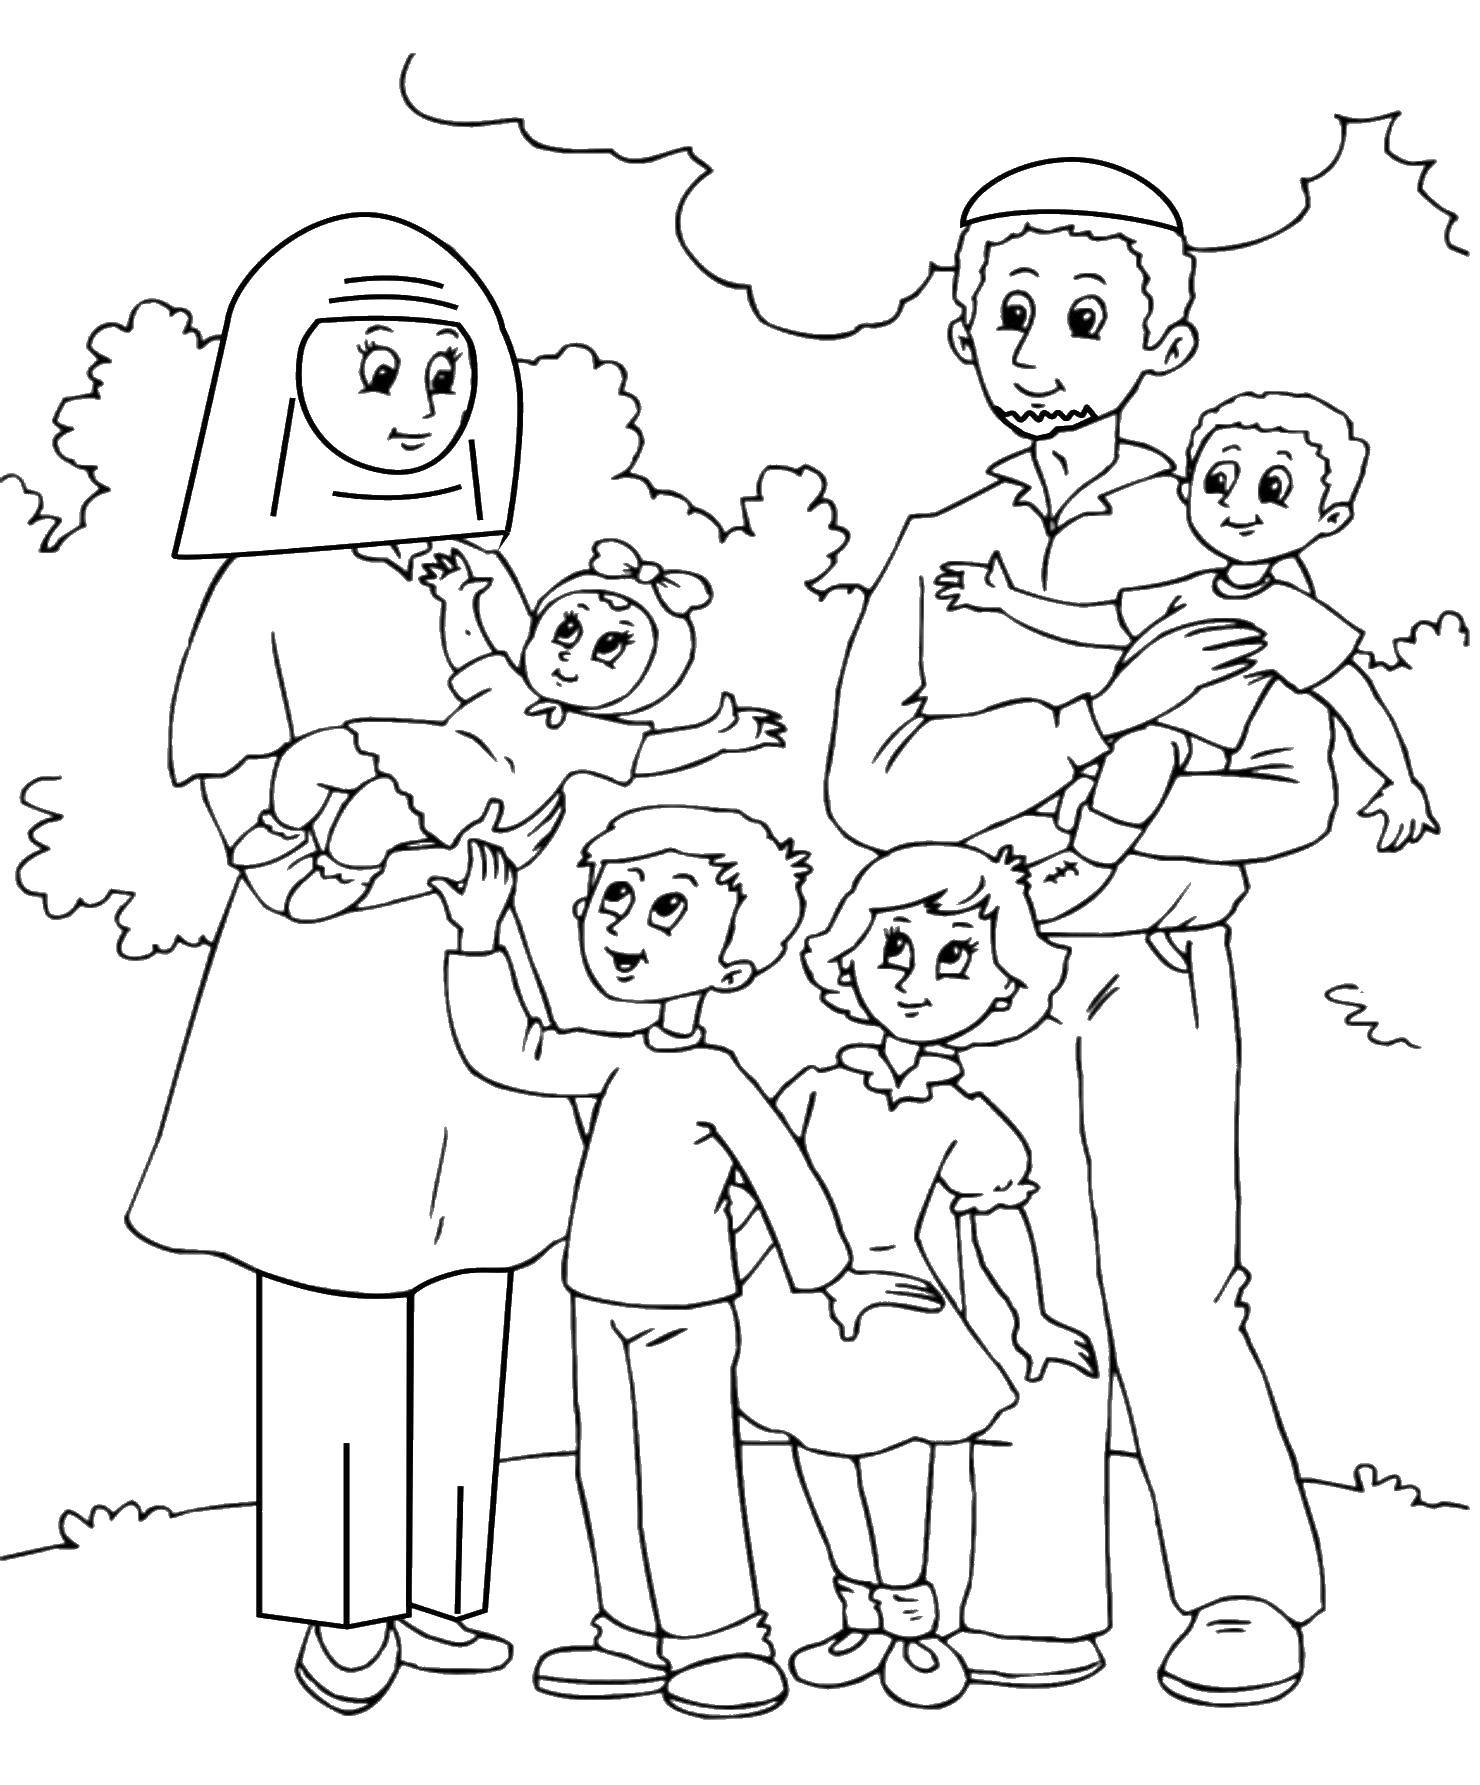 Раскраска Большая многодетная семья Скачать семья, семьи, дети.  Распечатать ,Члены семьи,